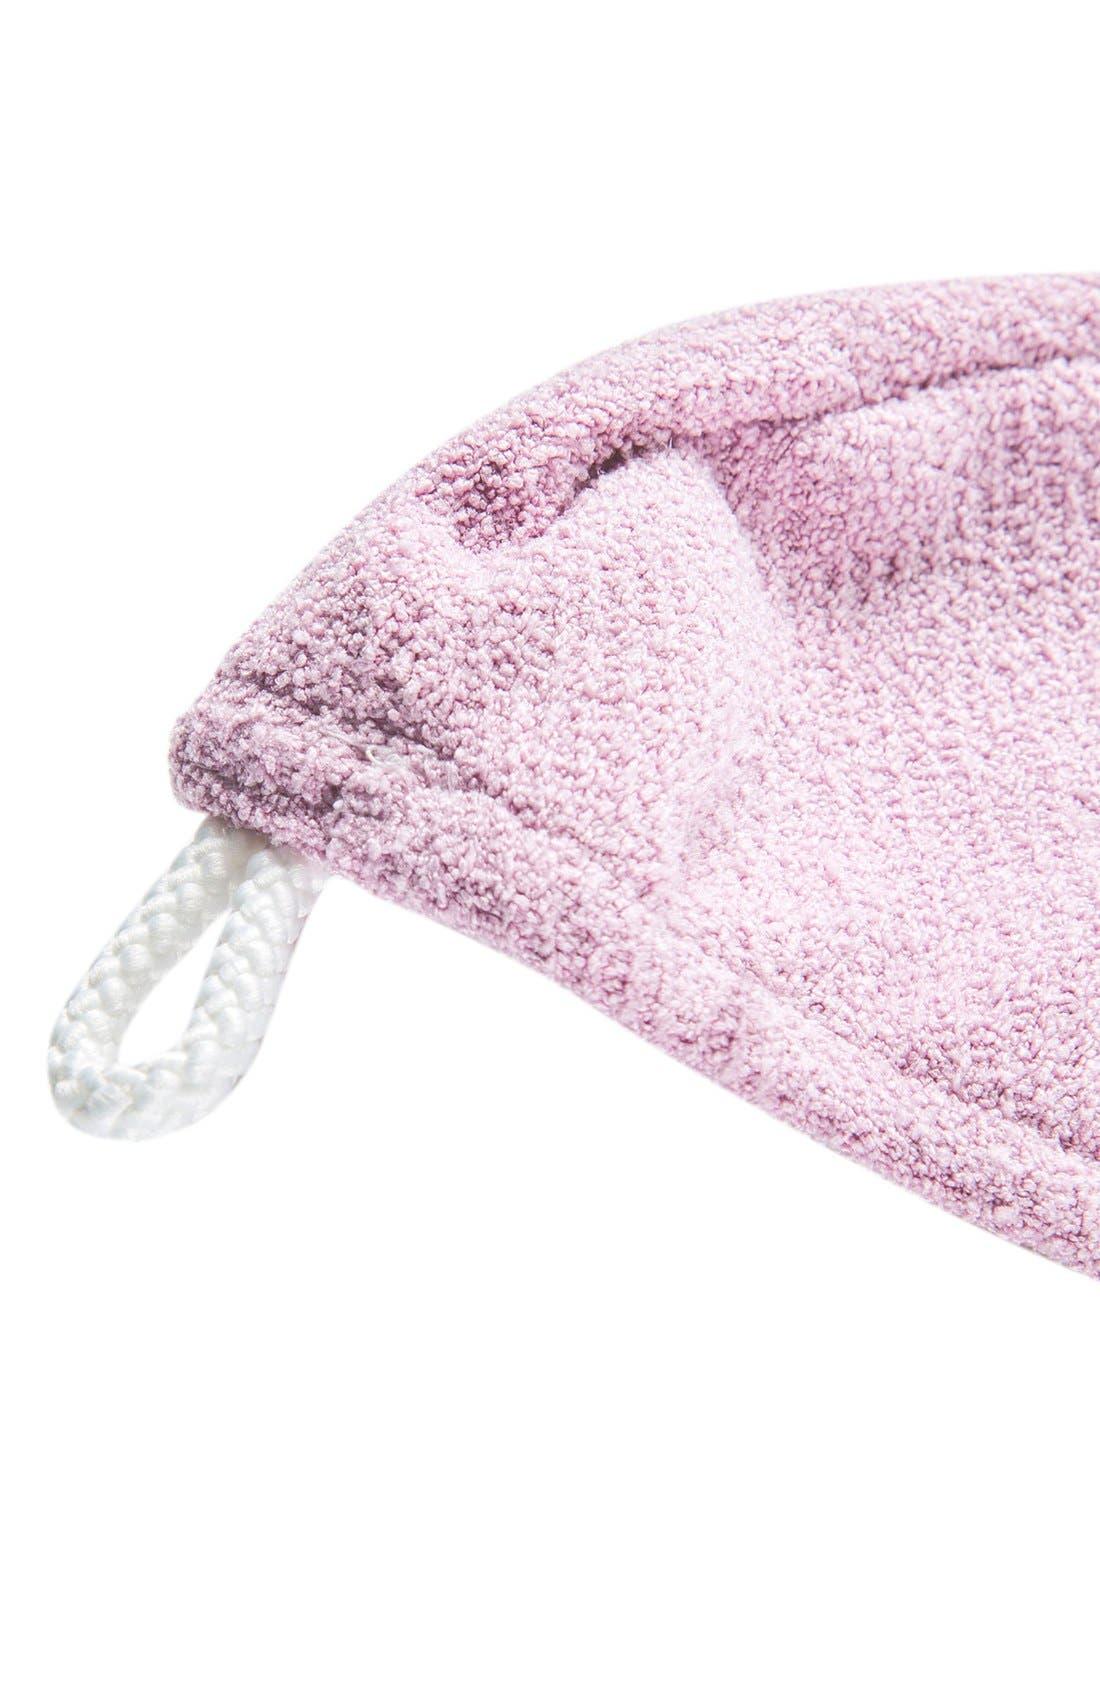 Lisse Luxe Desert Rose Hair Turban,                             Alternate thumbnail 8, color,                             DESERT ROSE